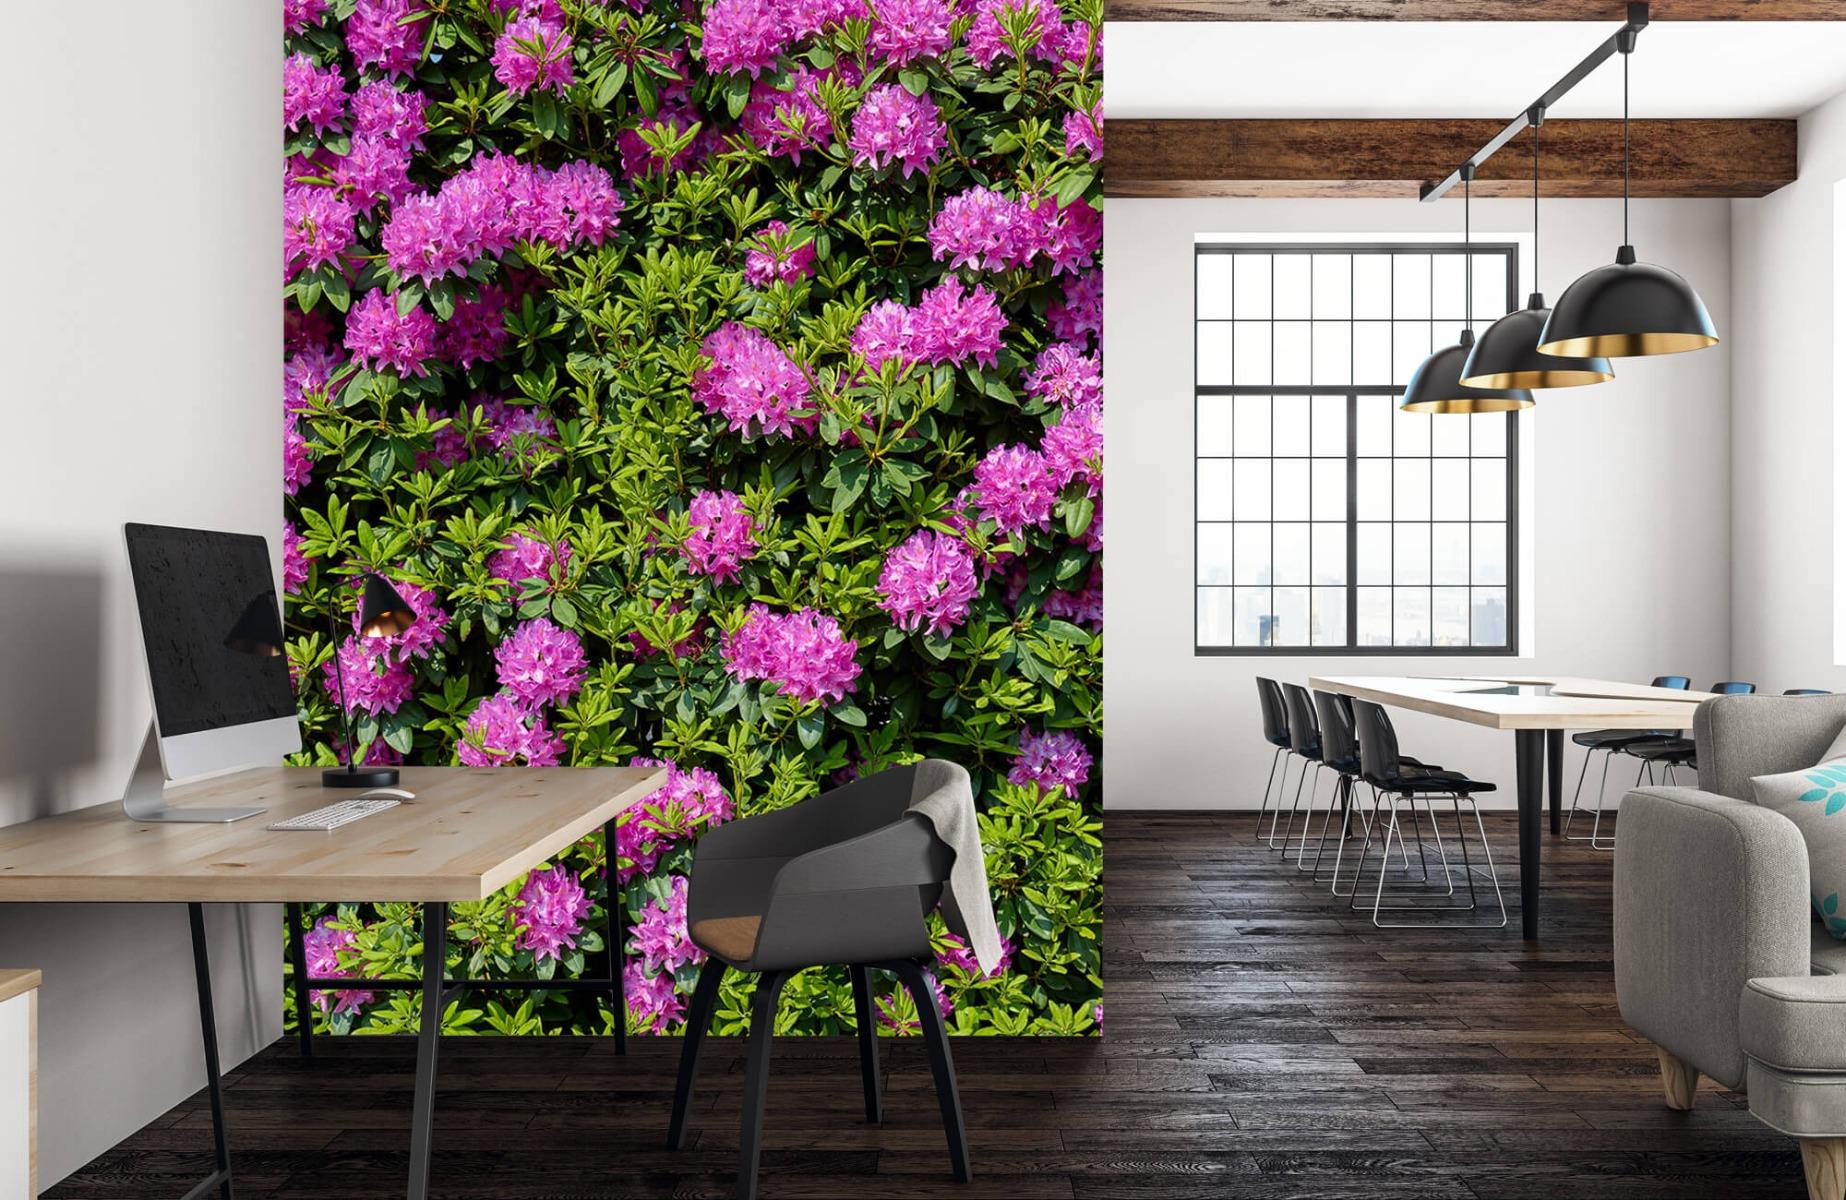 Bloemenvelden - Grote muur van rododendrons - Wallexclusive - Woonkamer 22